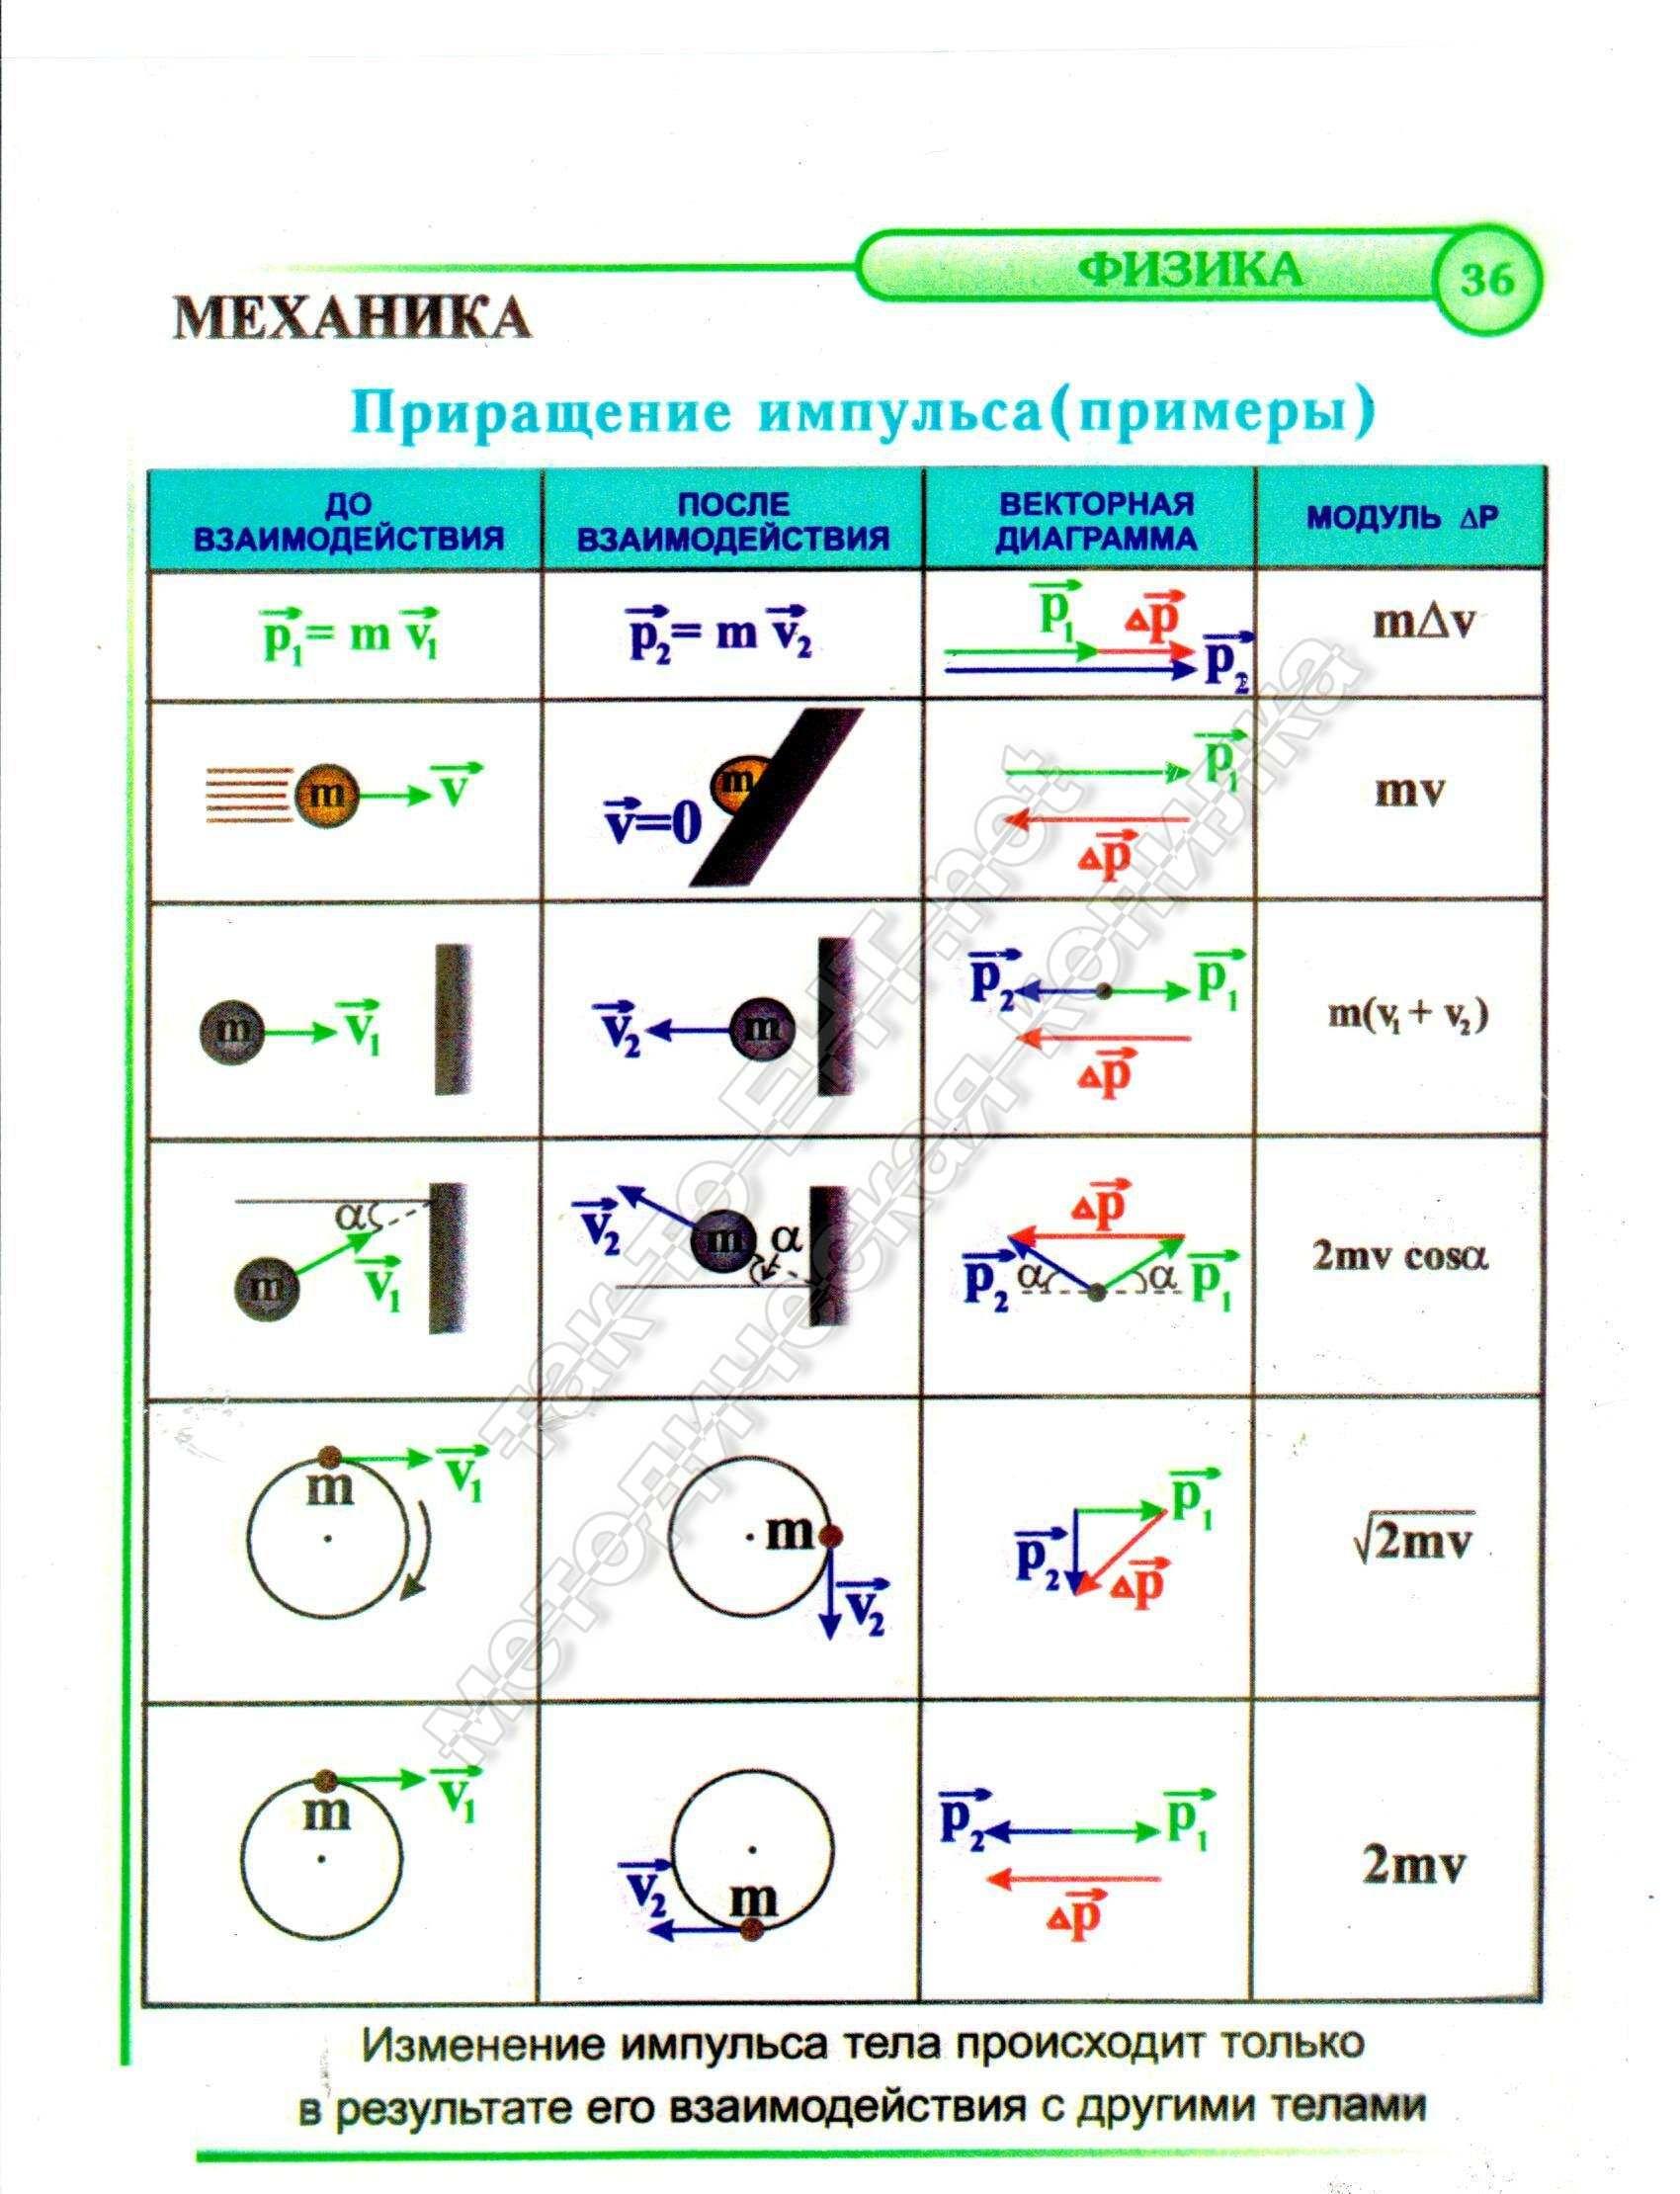 Приращение импульса (примеры) (механика)